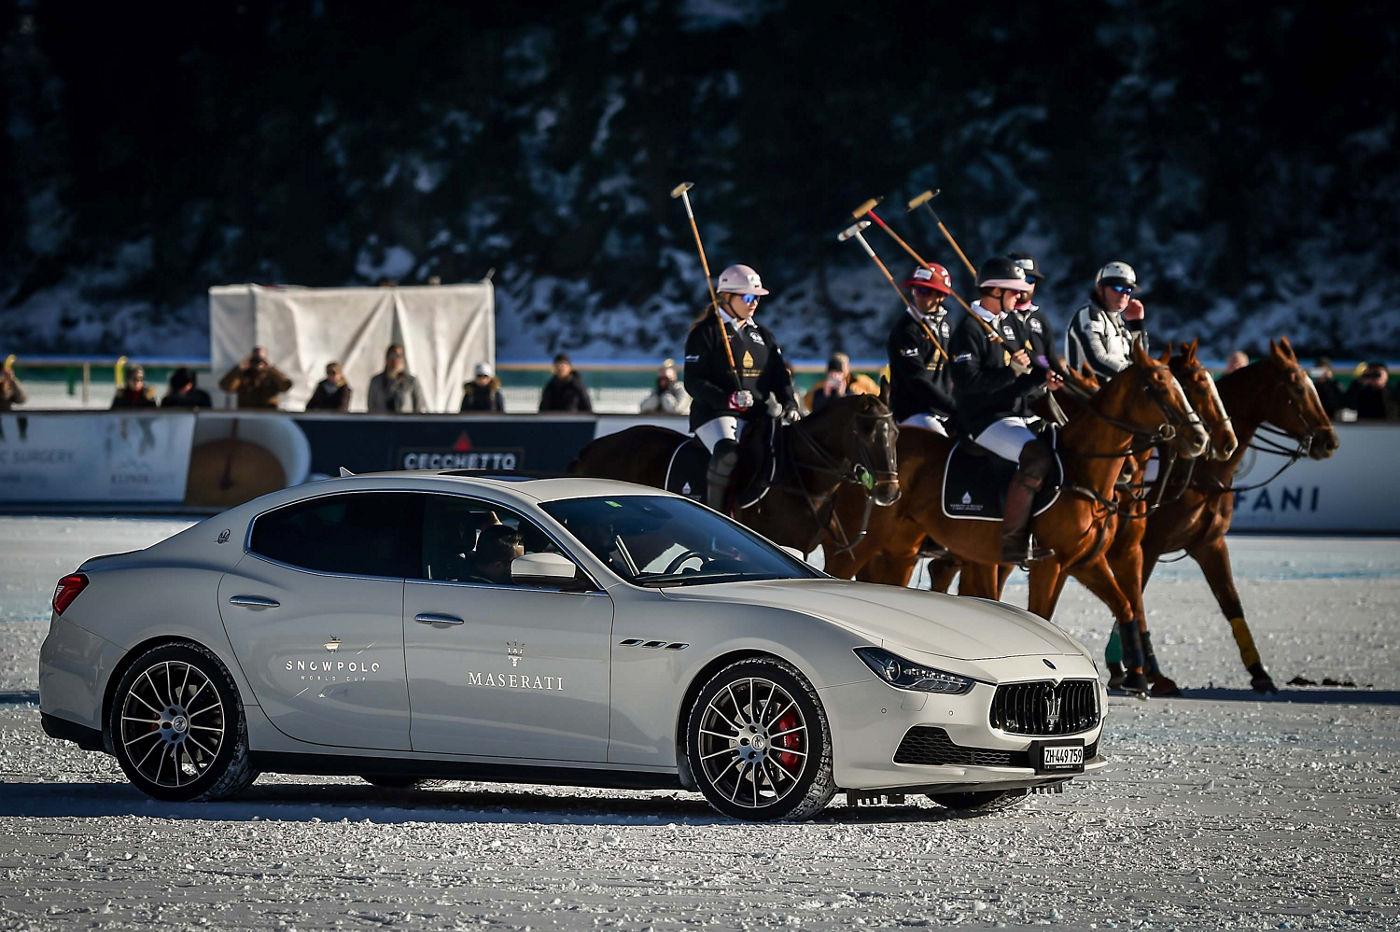 Maserati Polo Tour 2017 - Snow Polo St Moritz - Ghibli and Maserati Polo Team